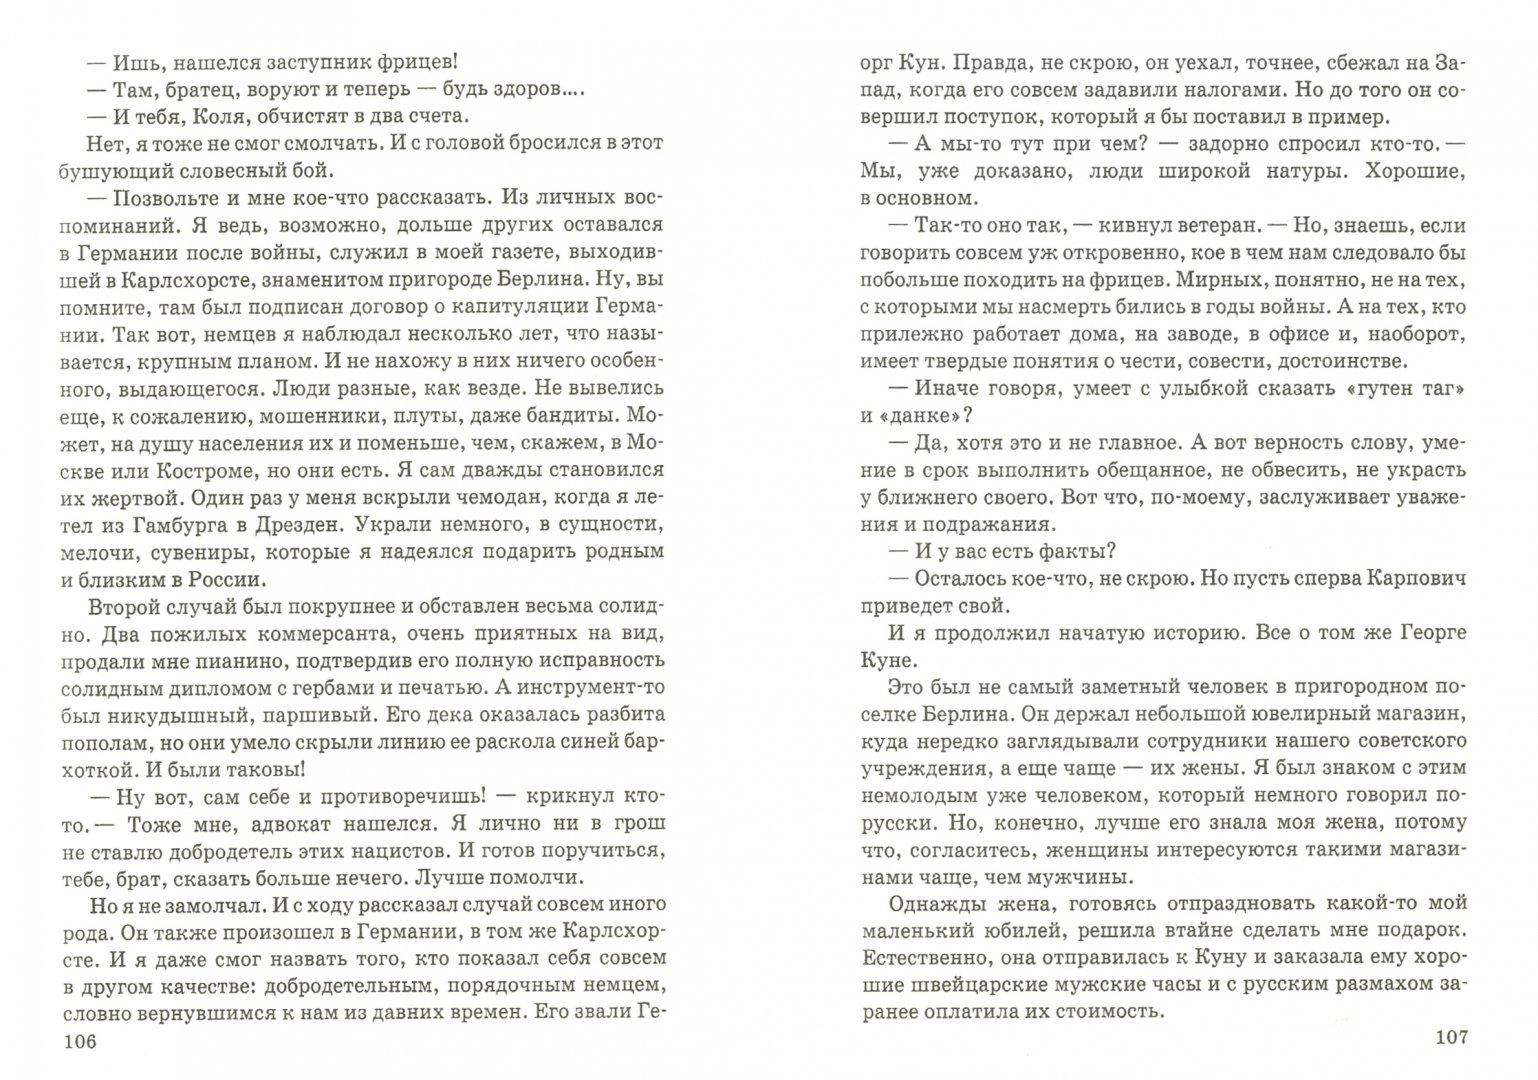 Иллюстрация 1 из 7 для Ничего, кроме правды. XX век. События и люди - Марк Карпович | Лабиринт - книги. Источник: Лабиринт